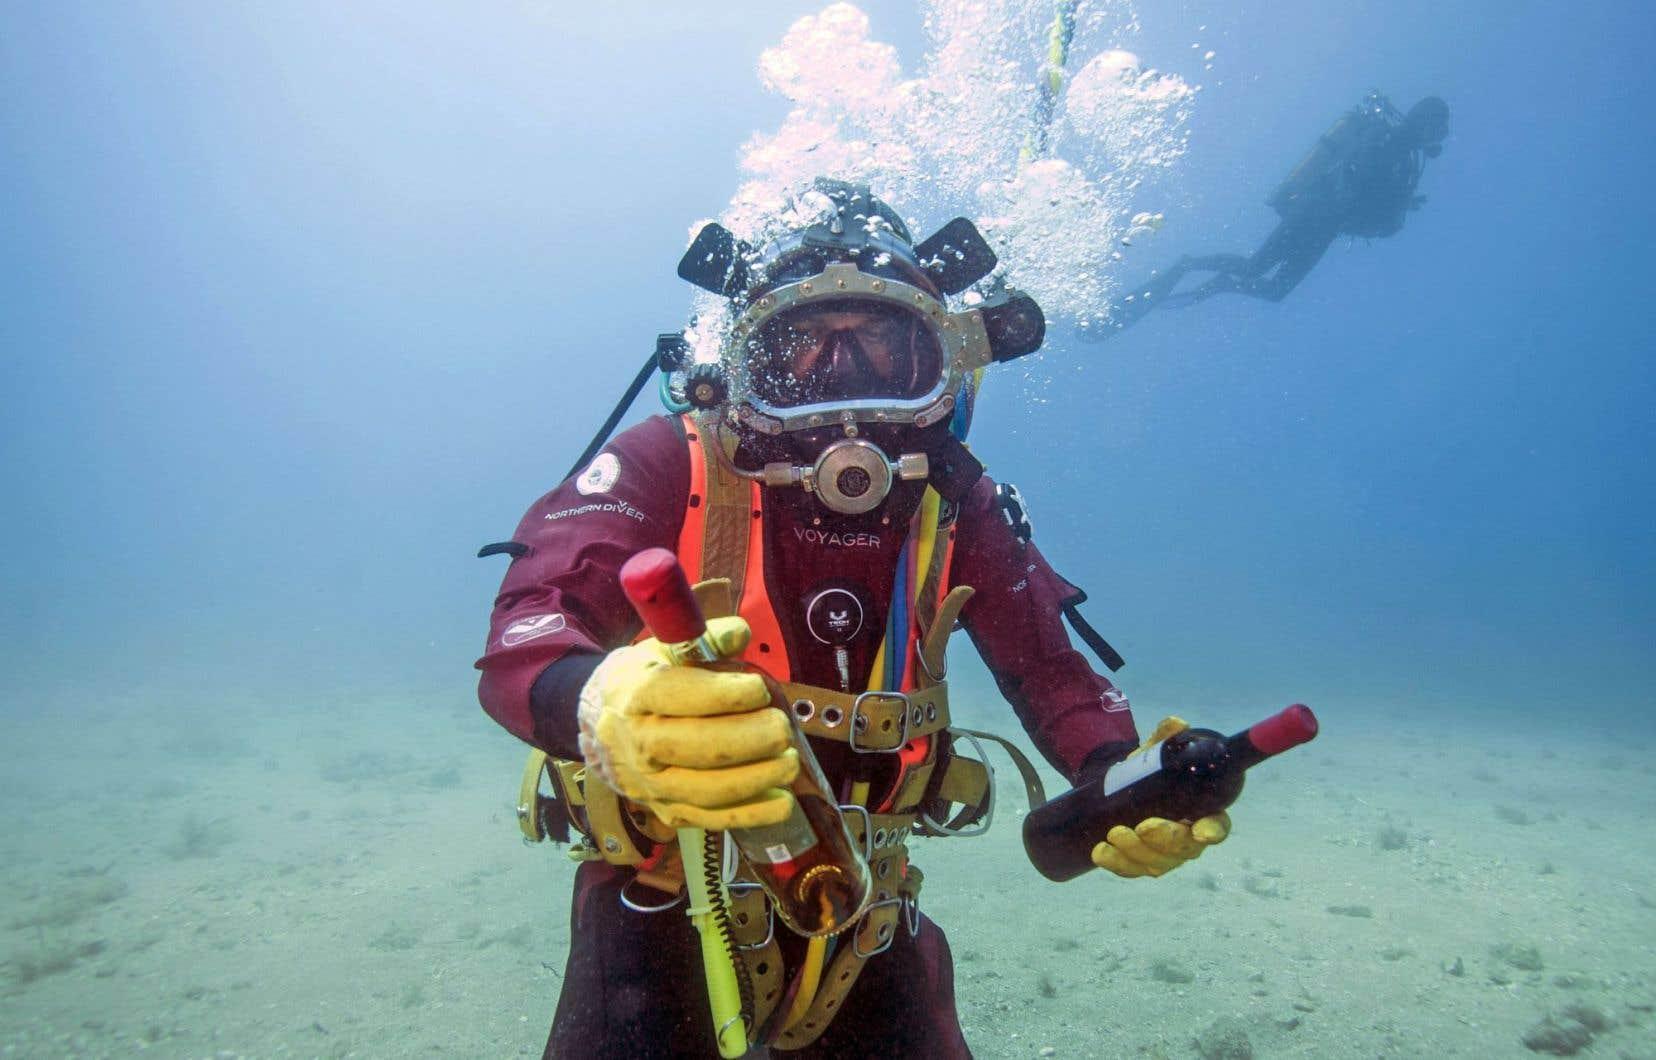 Un plongeur montre des bouteilles repérées dans un cellier en mer Méditerranée. L'expérience vise à évaluer les effets de la maturation des vins de Bandol enfouis sous l'eau pendant un an.